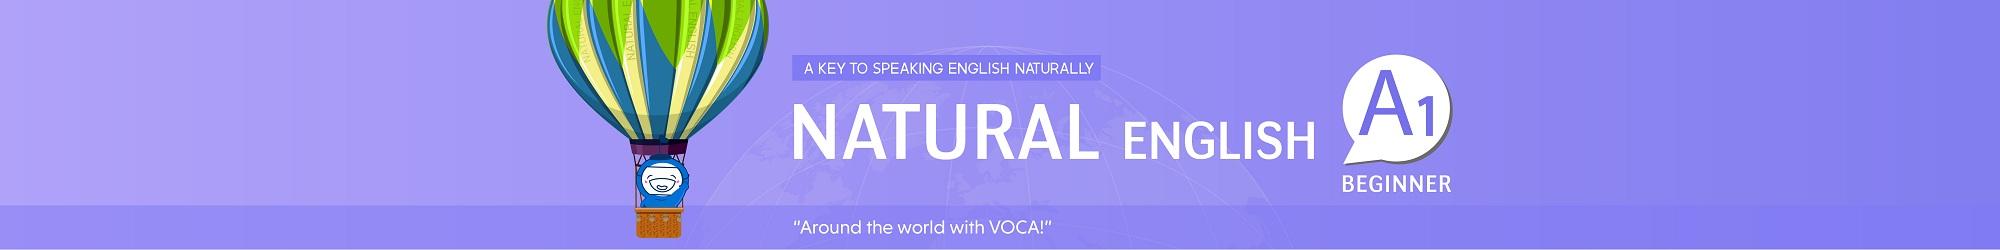 NATURAL ENGLISH A1